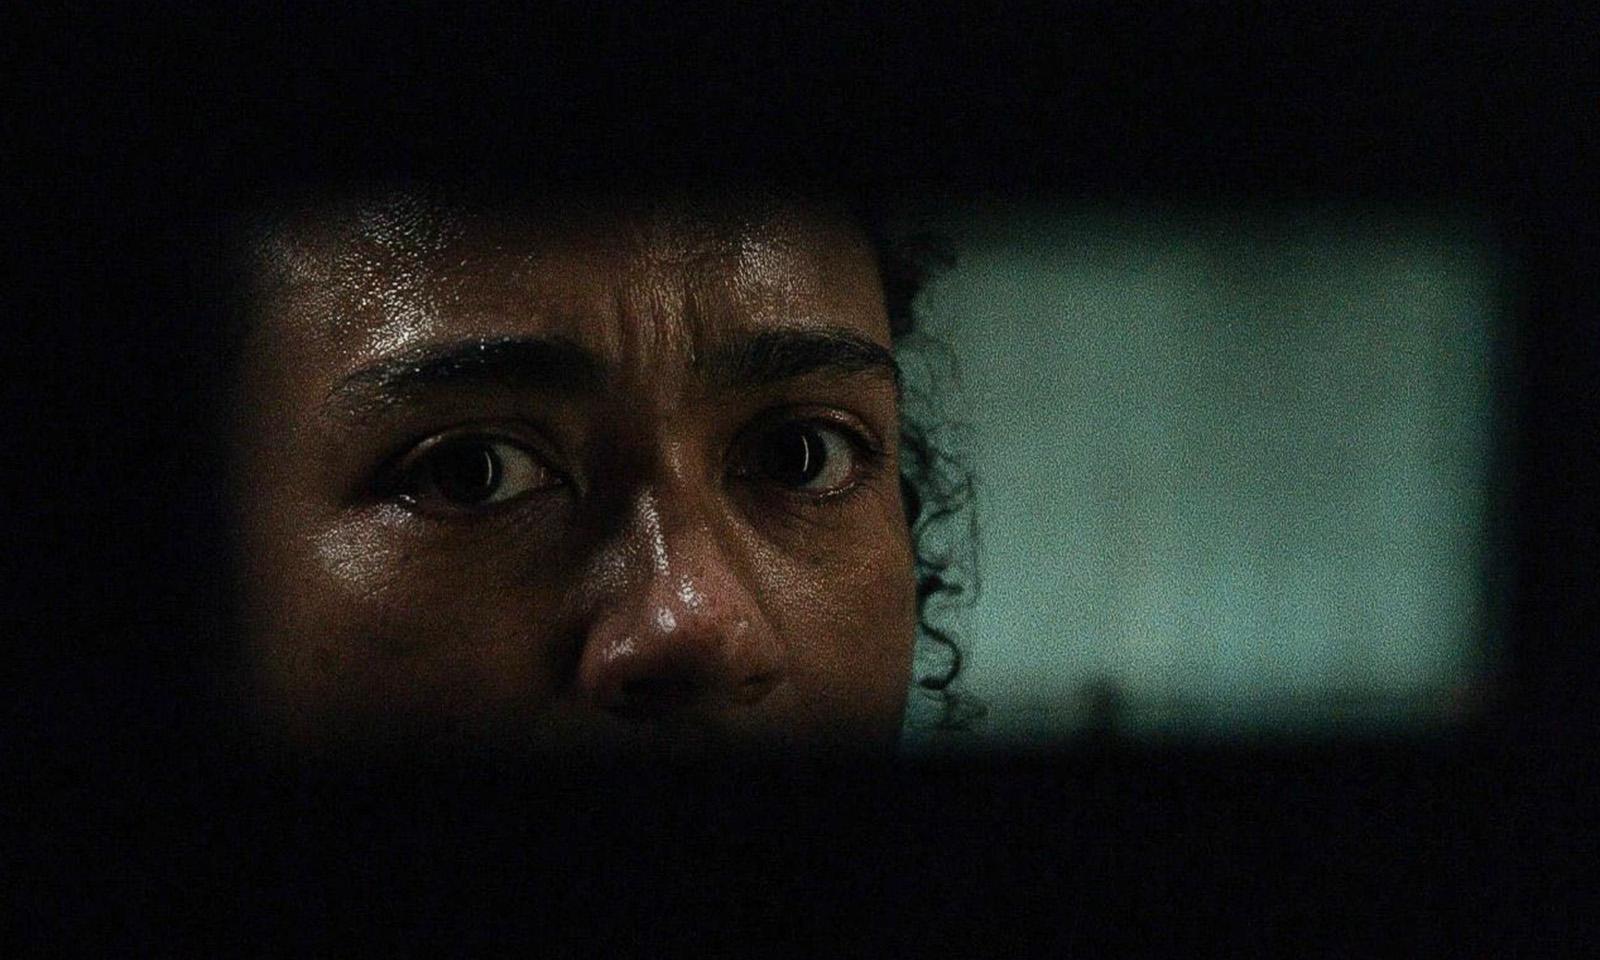 Connie assustada e observando por uma brecha no episódio 6 da 11ª temporada de The Walking Dead.